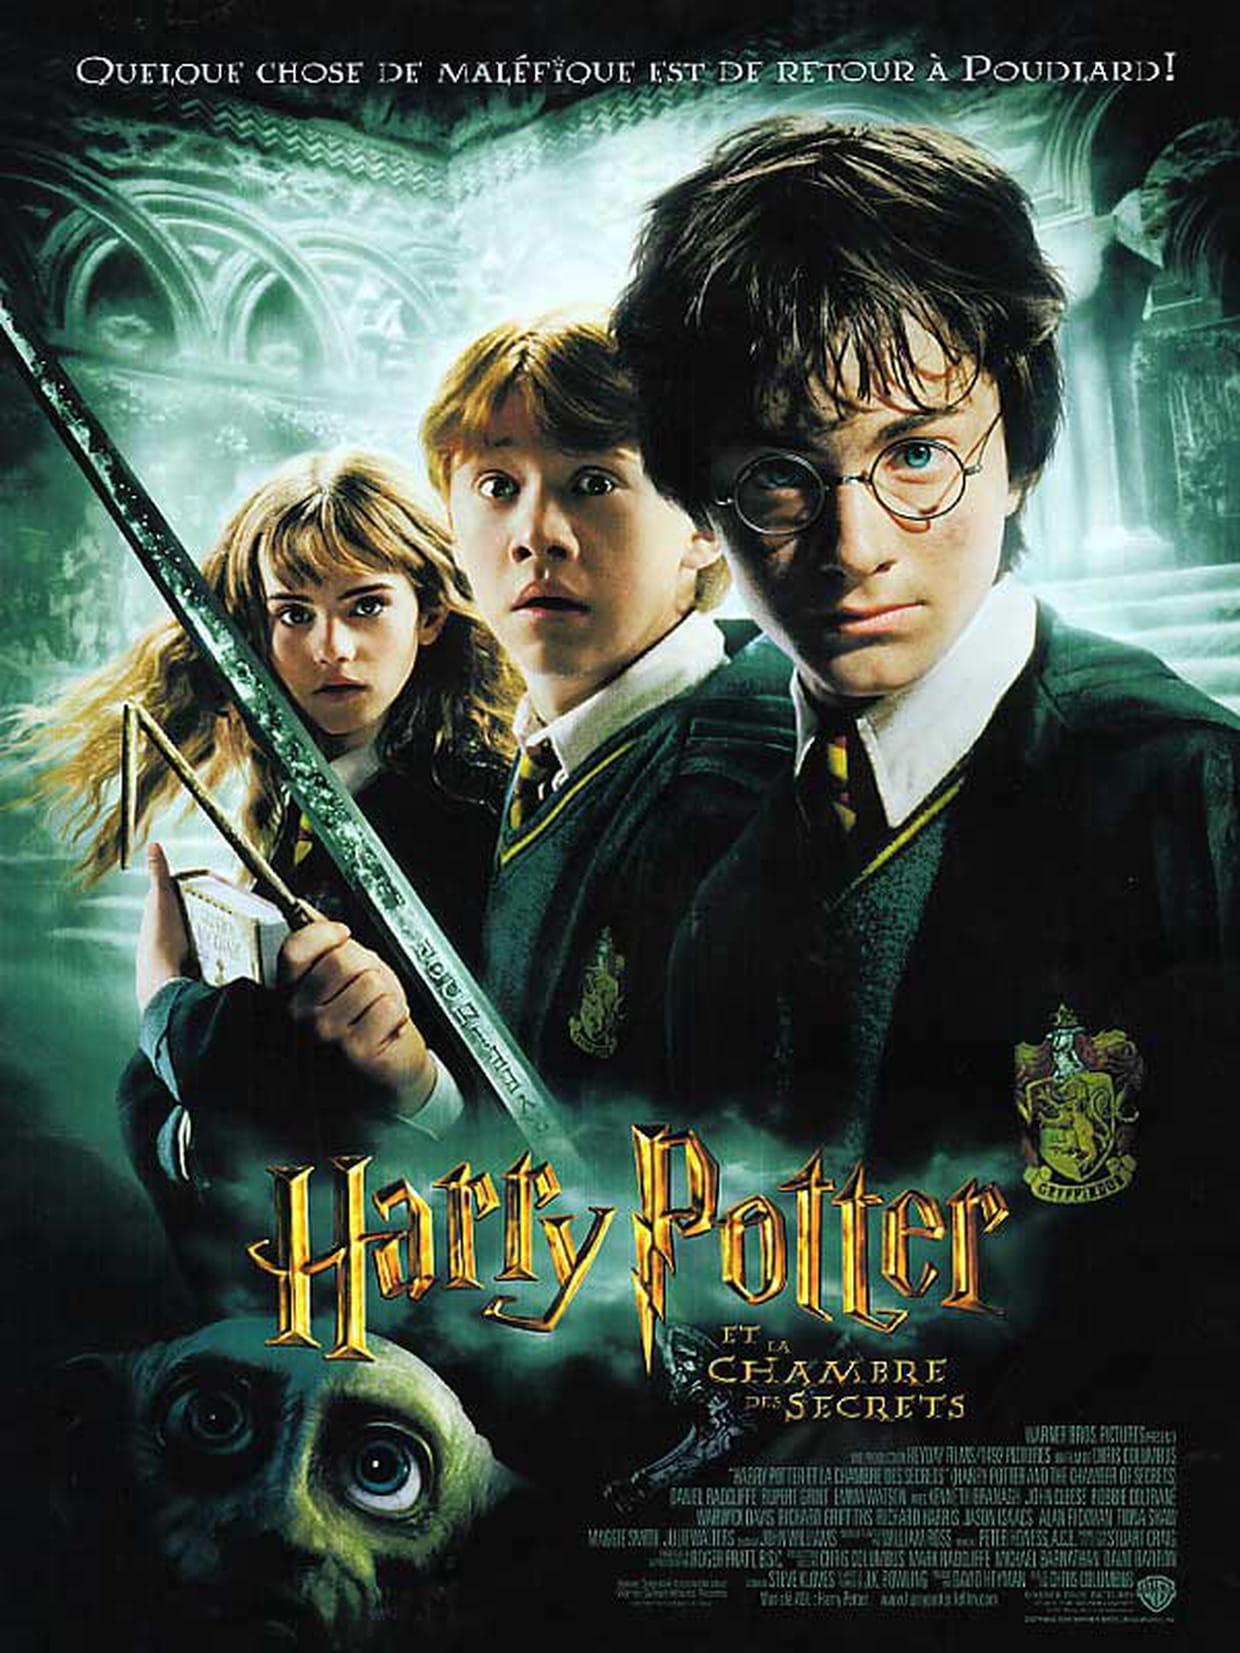 Harry Potter et la chambre des secrets : bande annonce du film